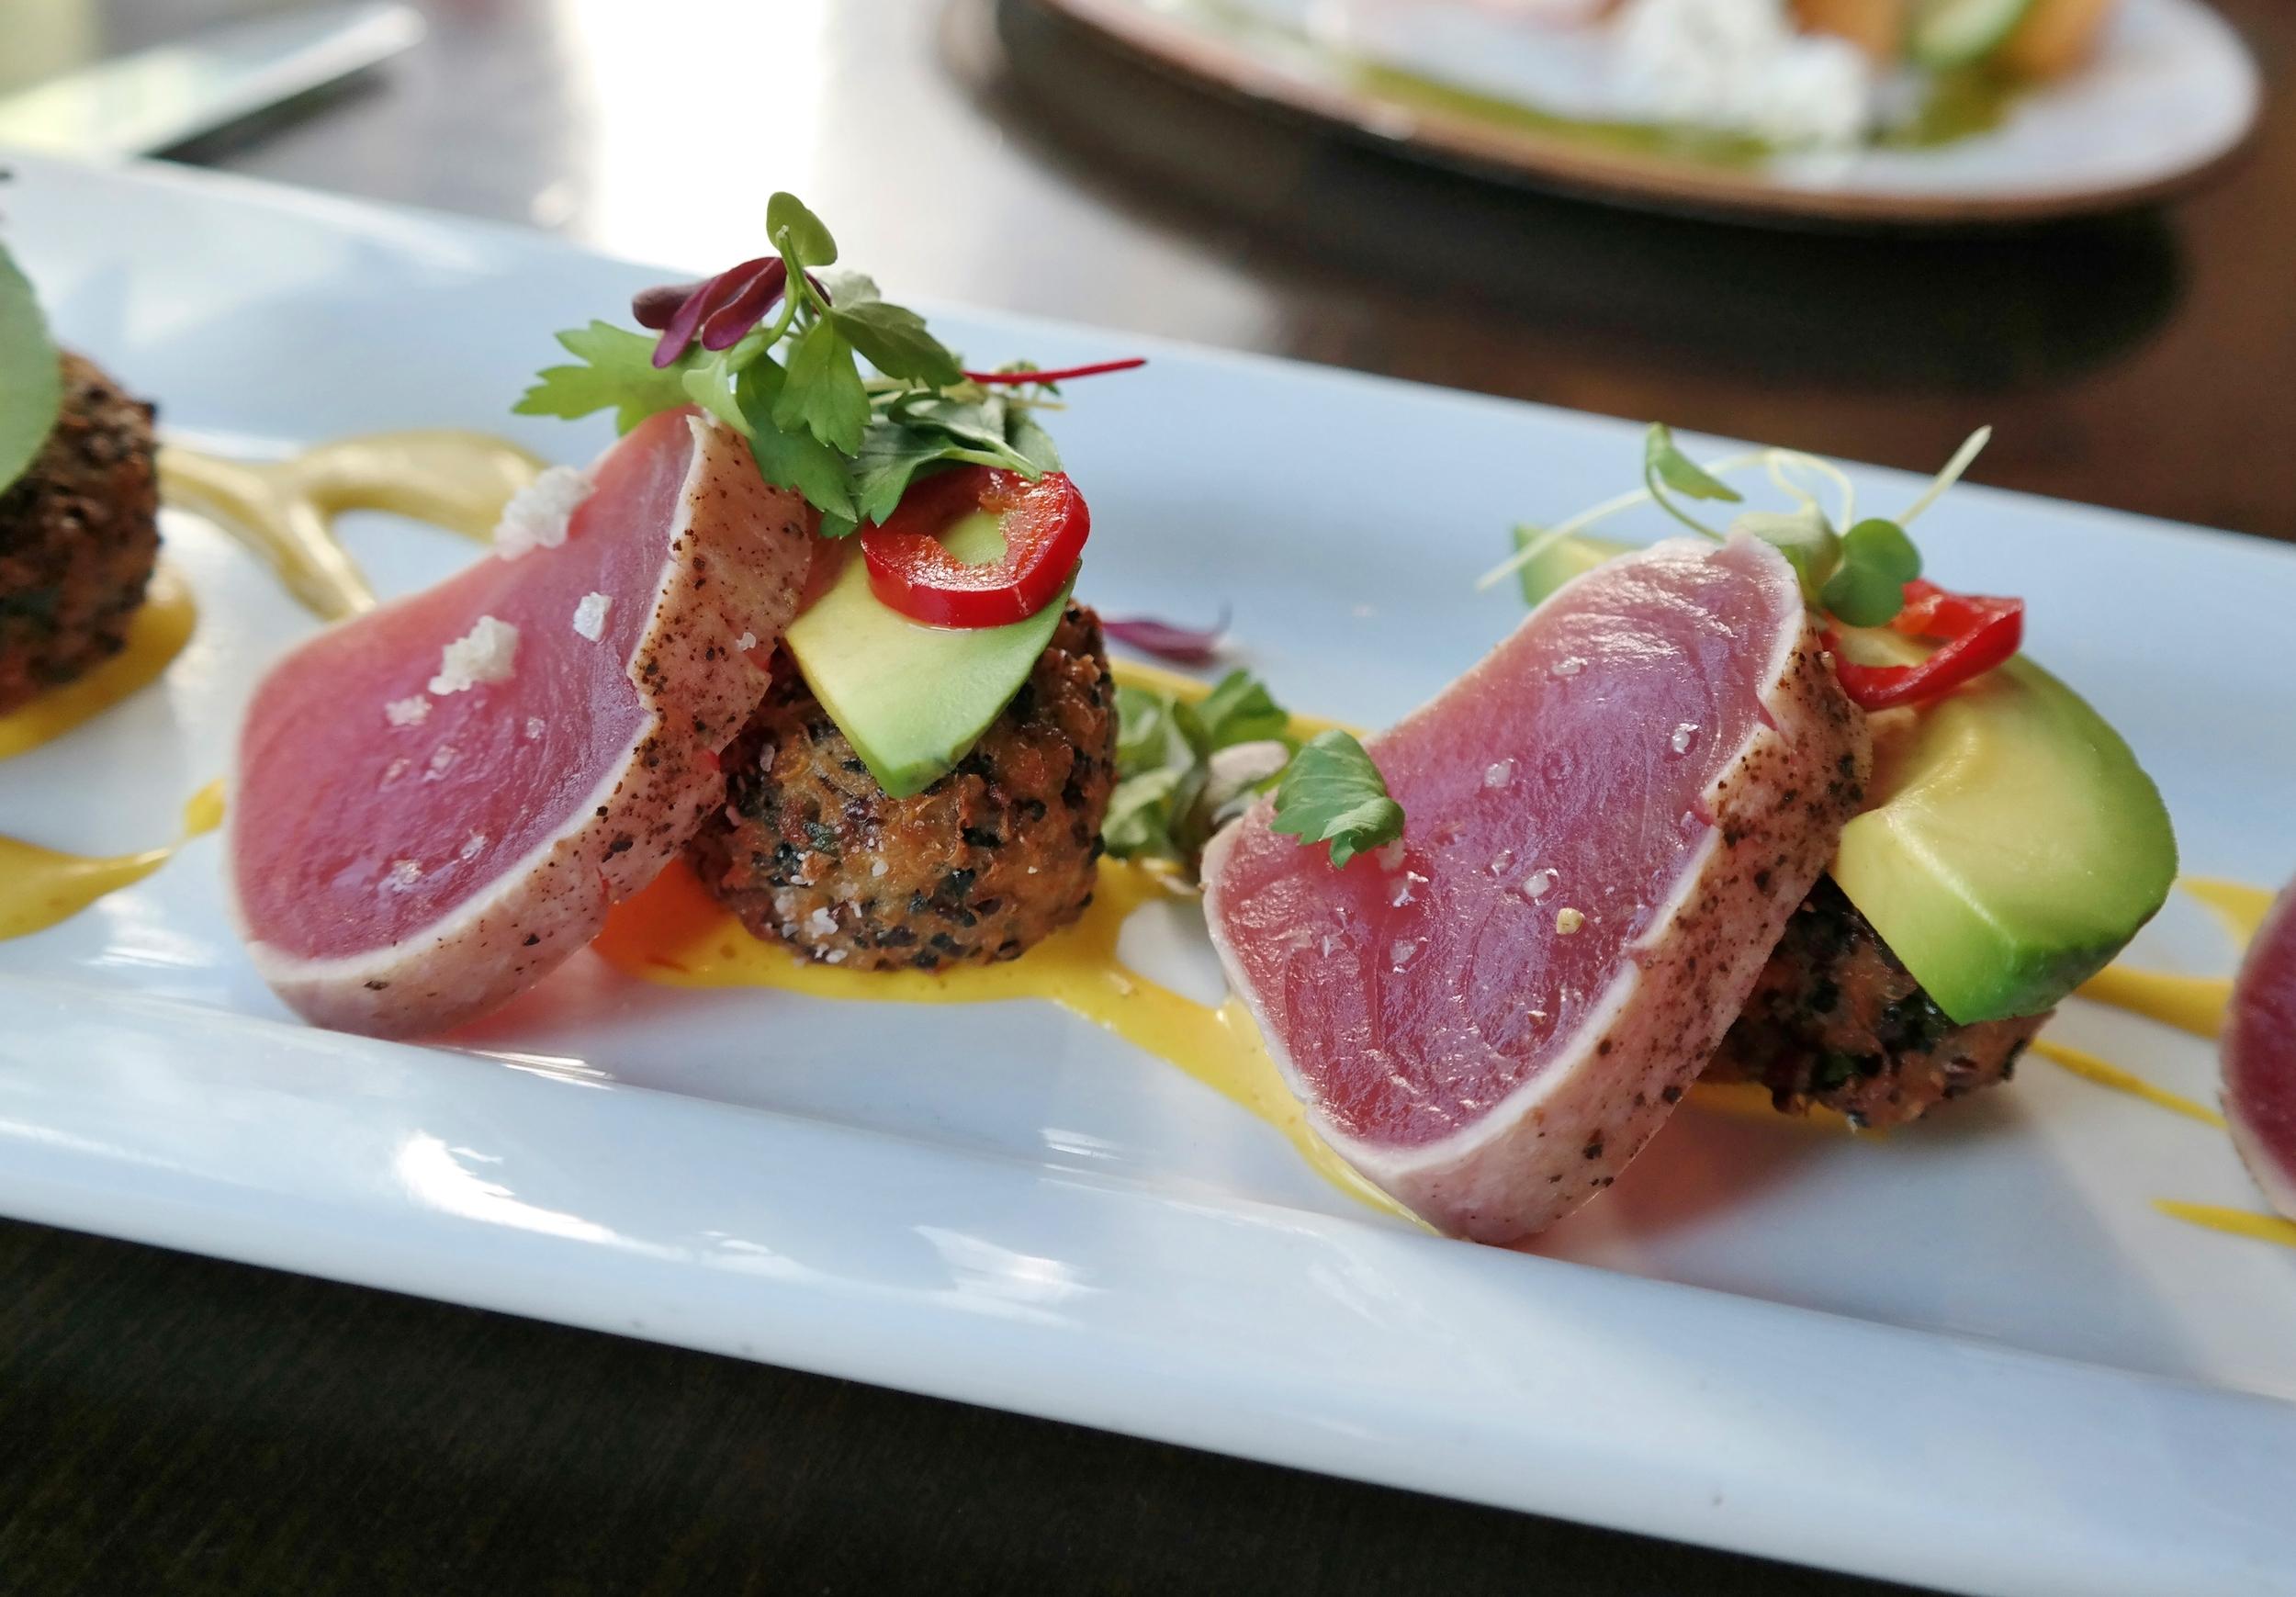 Tuna with quinoa and avocado